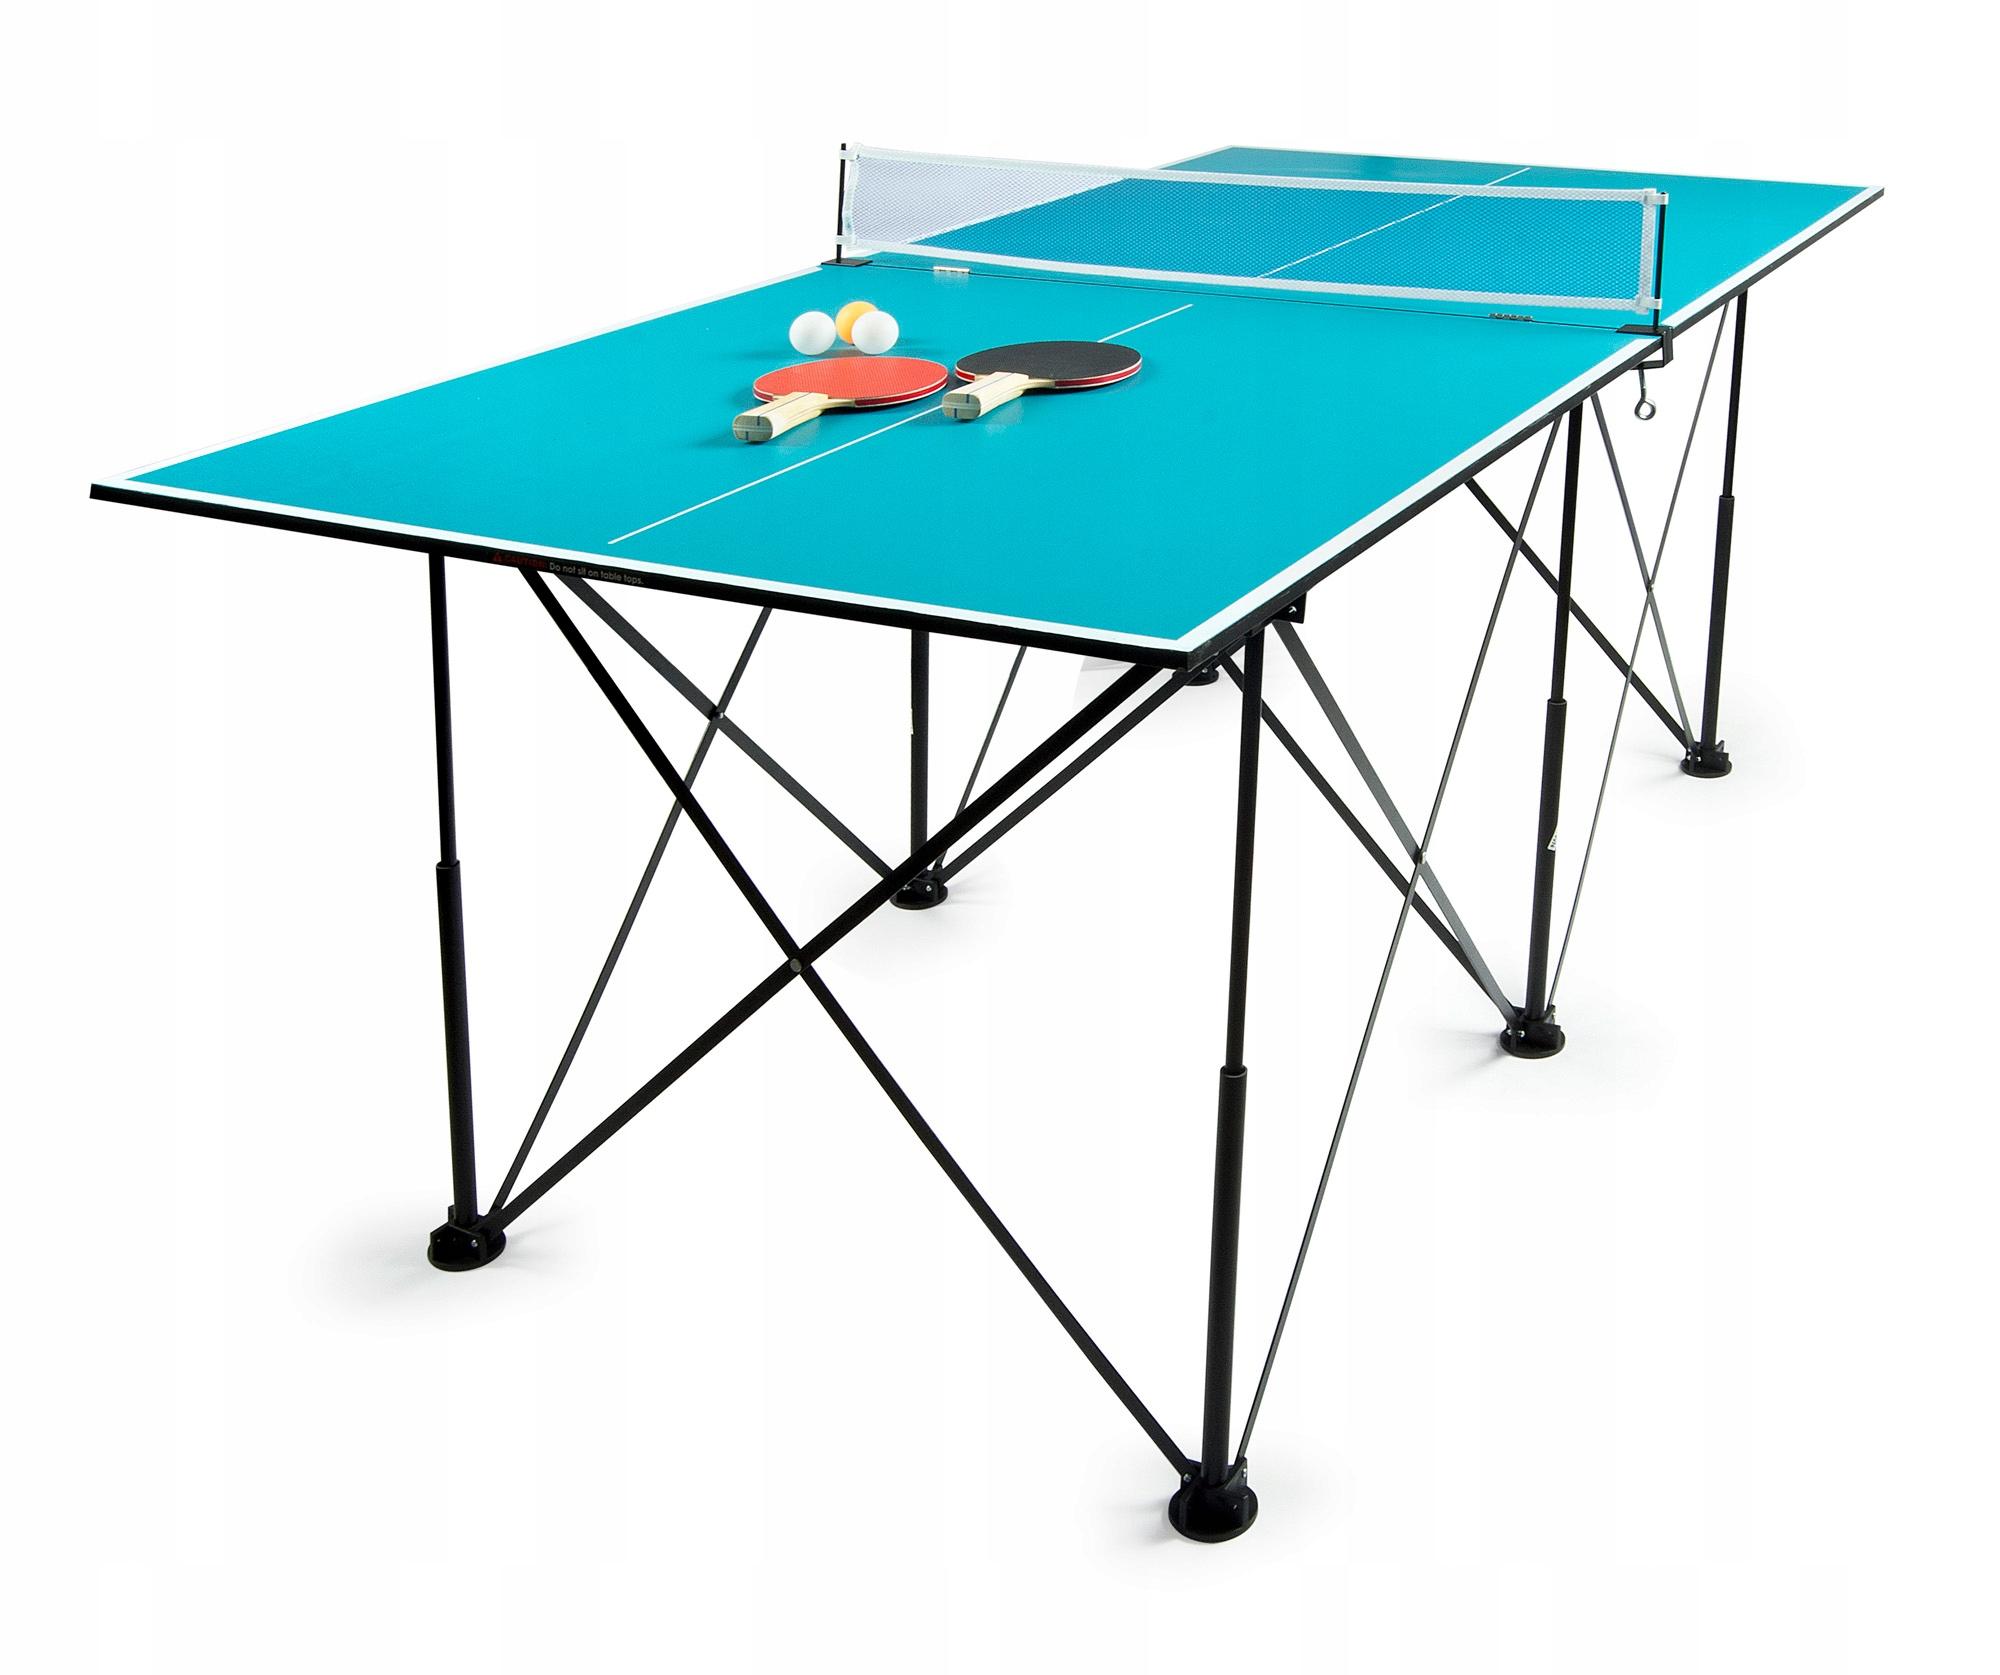 Раздвижной стол для настольного тенниса, ракеточный стол